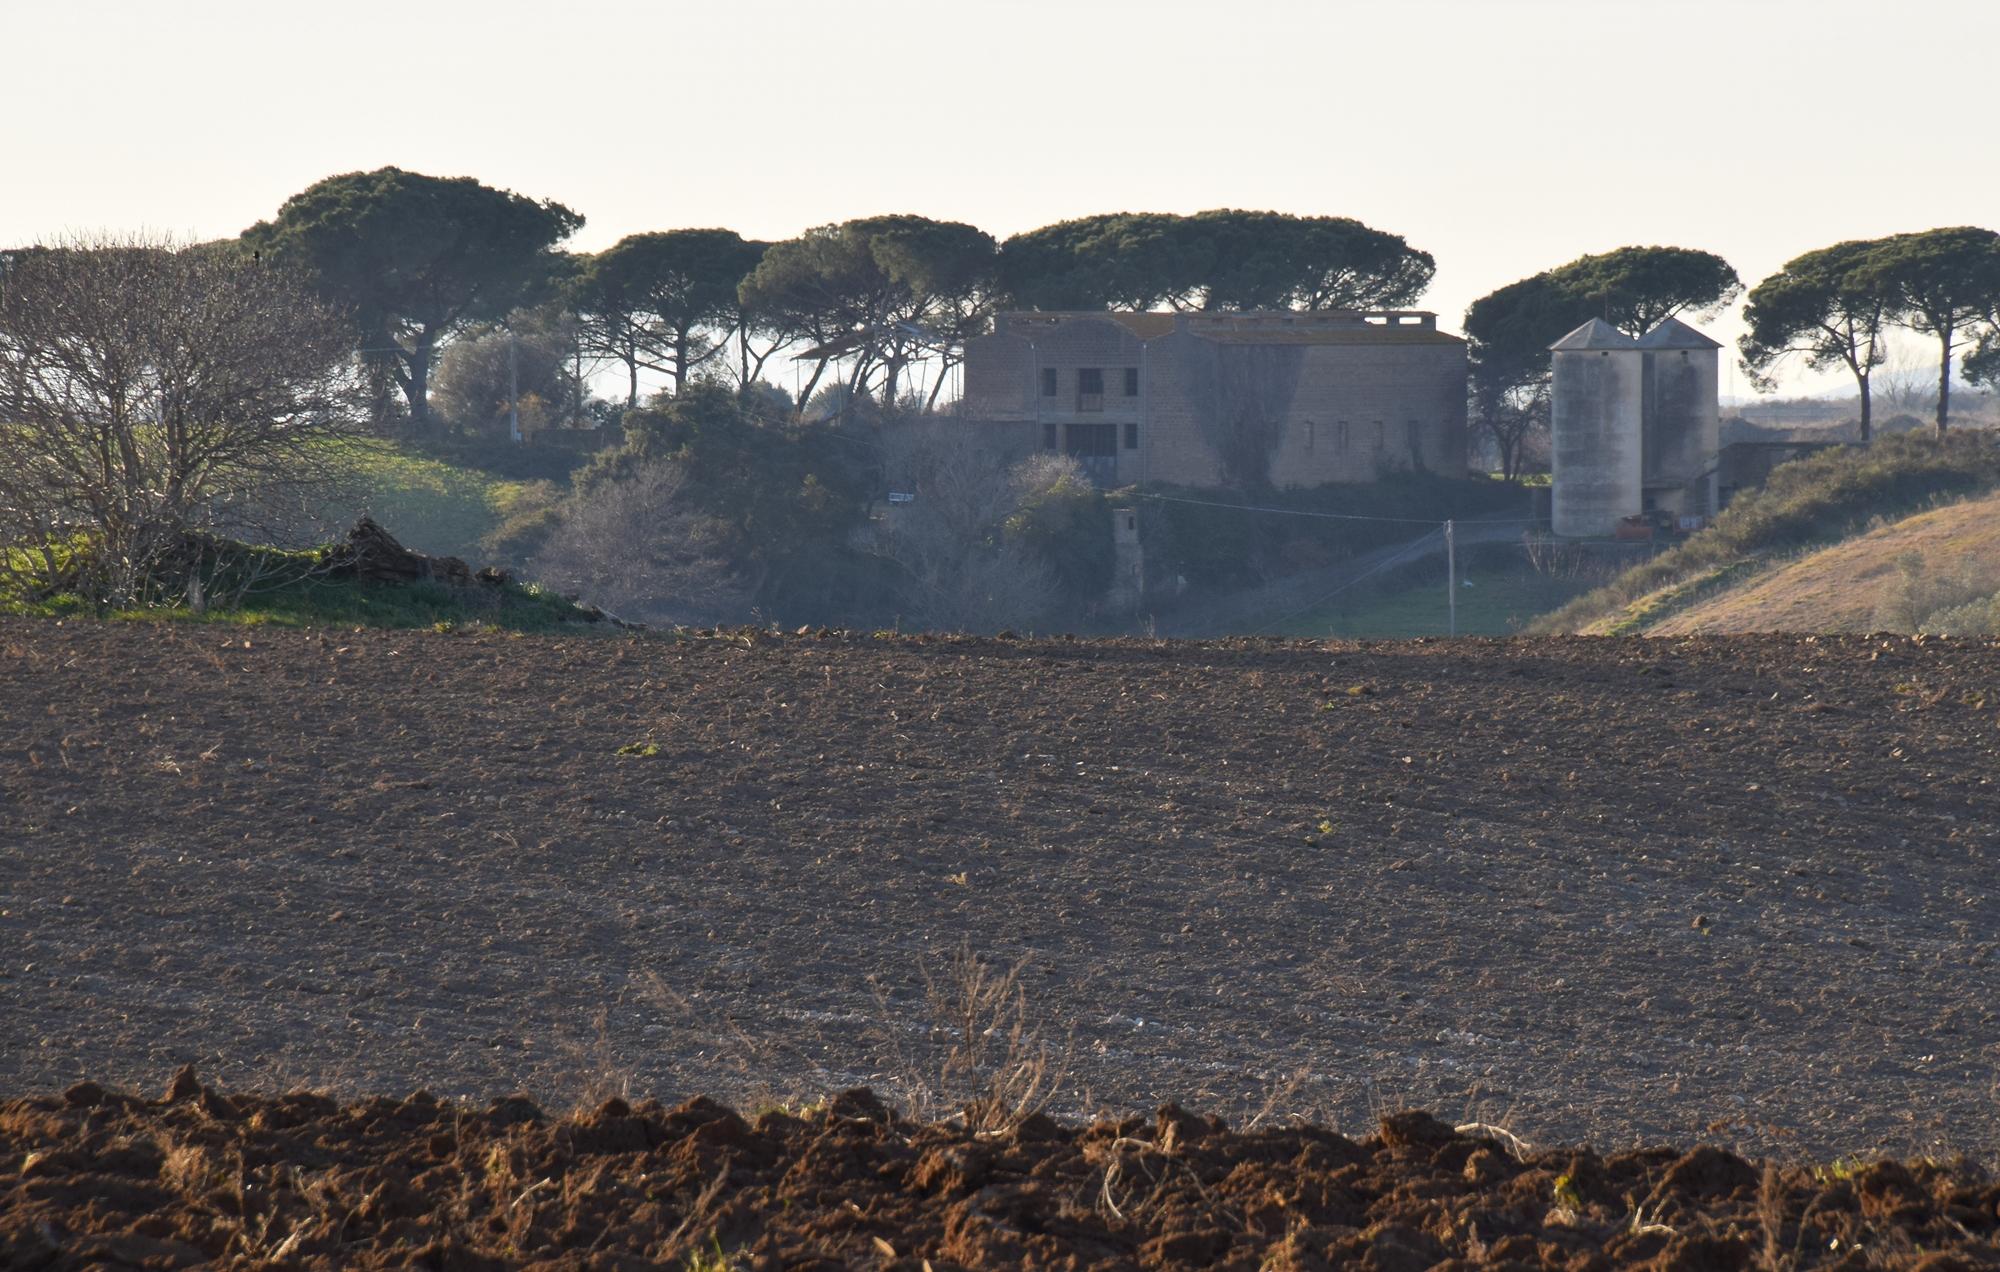 Tuscania-Loc. Pian di Vico, Tabacchificio 1 rid - Copia